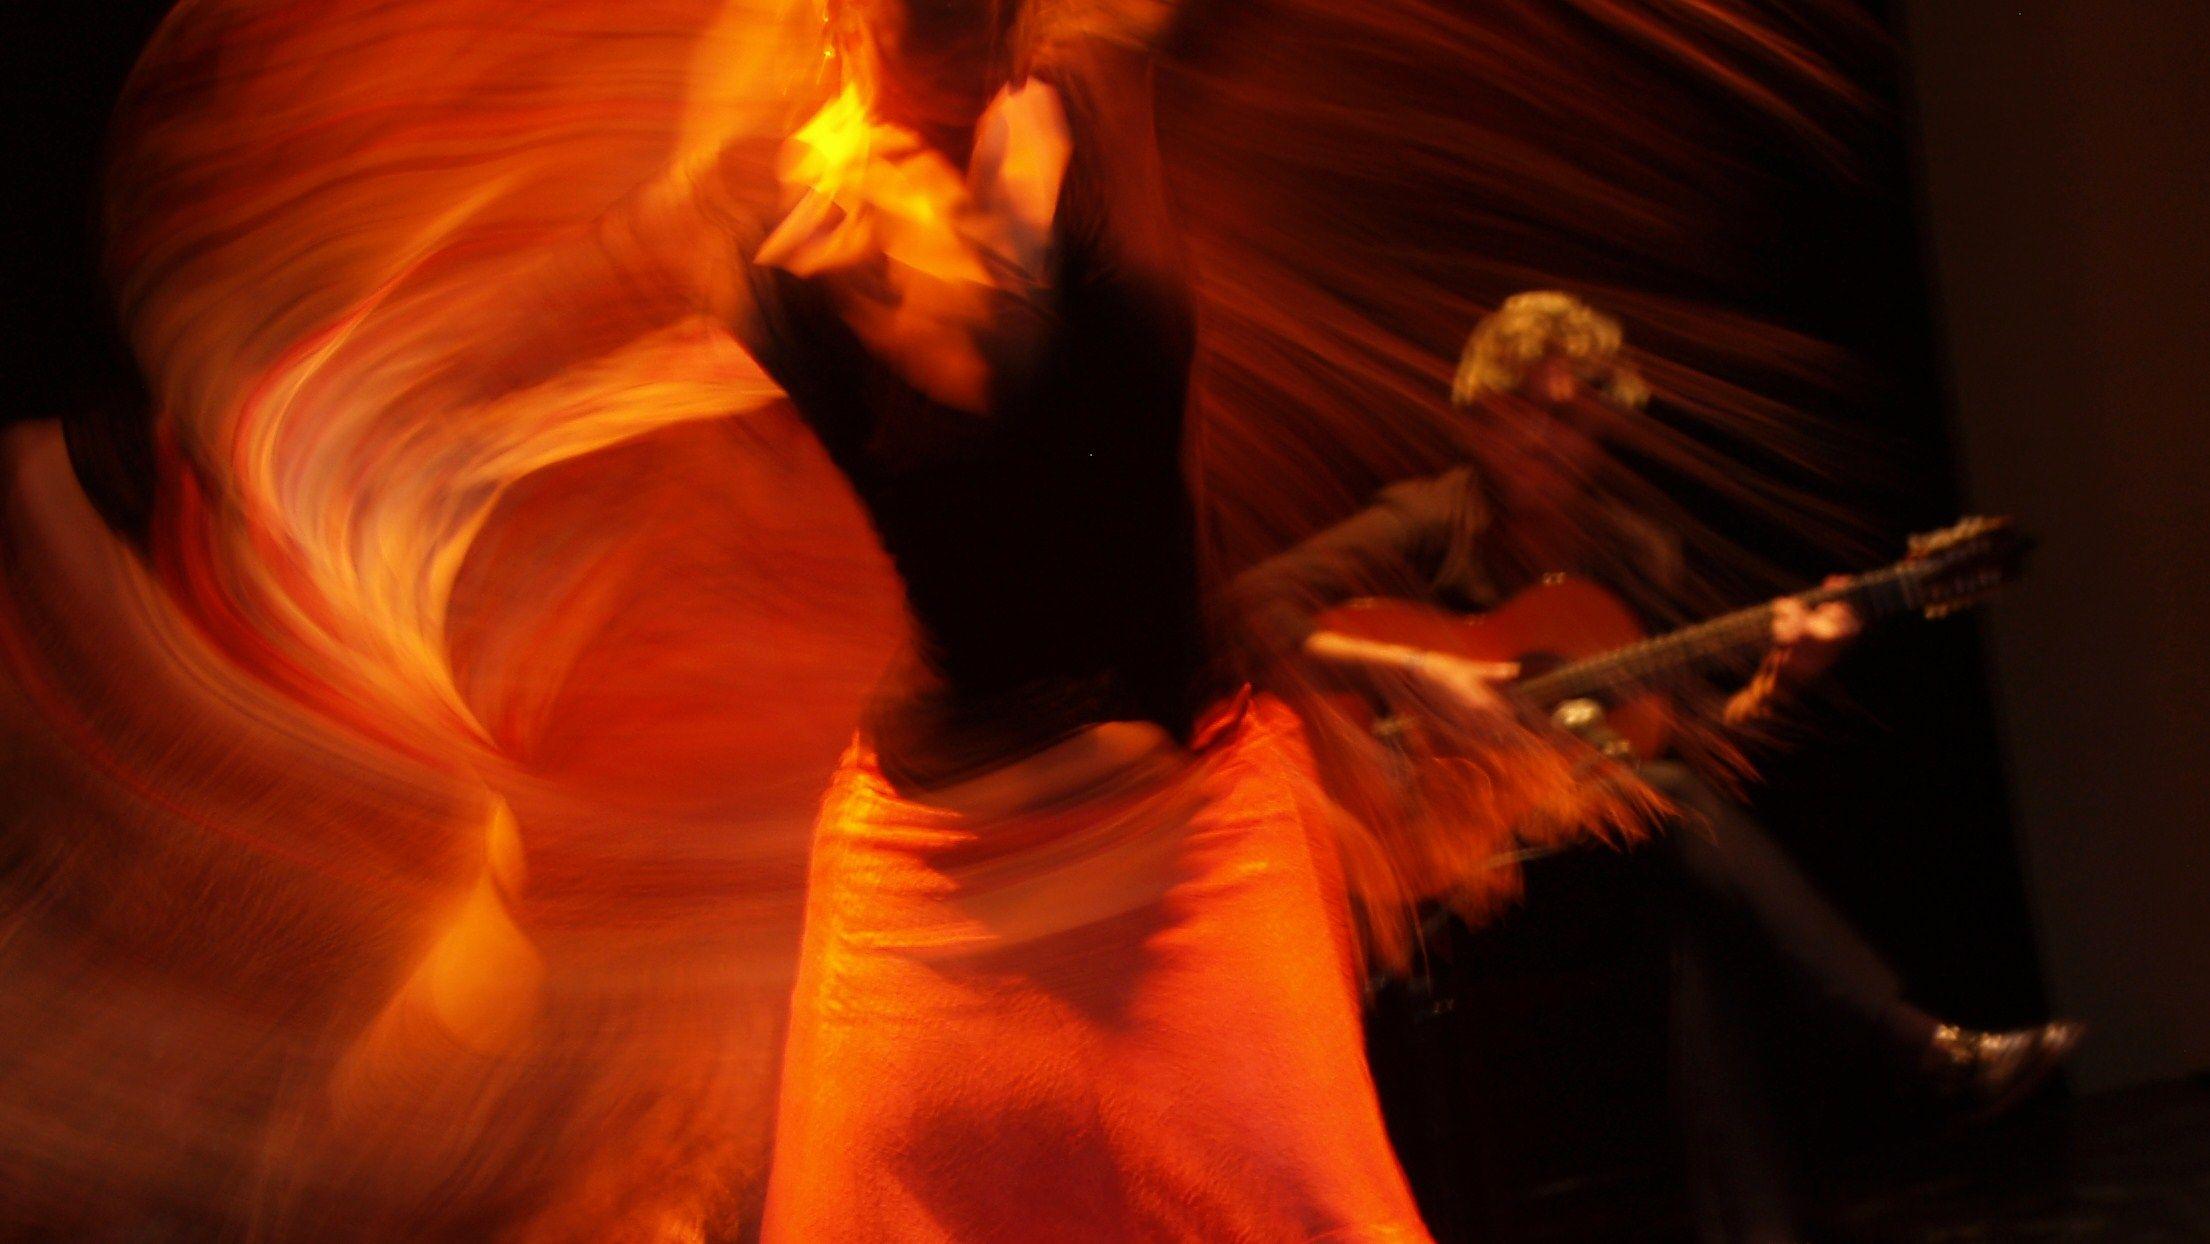 Flamenco Dancer and Guitarist Flamenco dancers, Flamenco